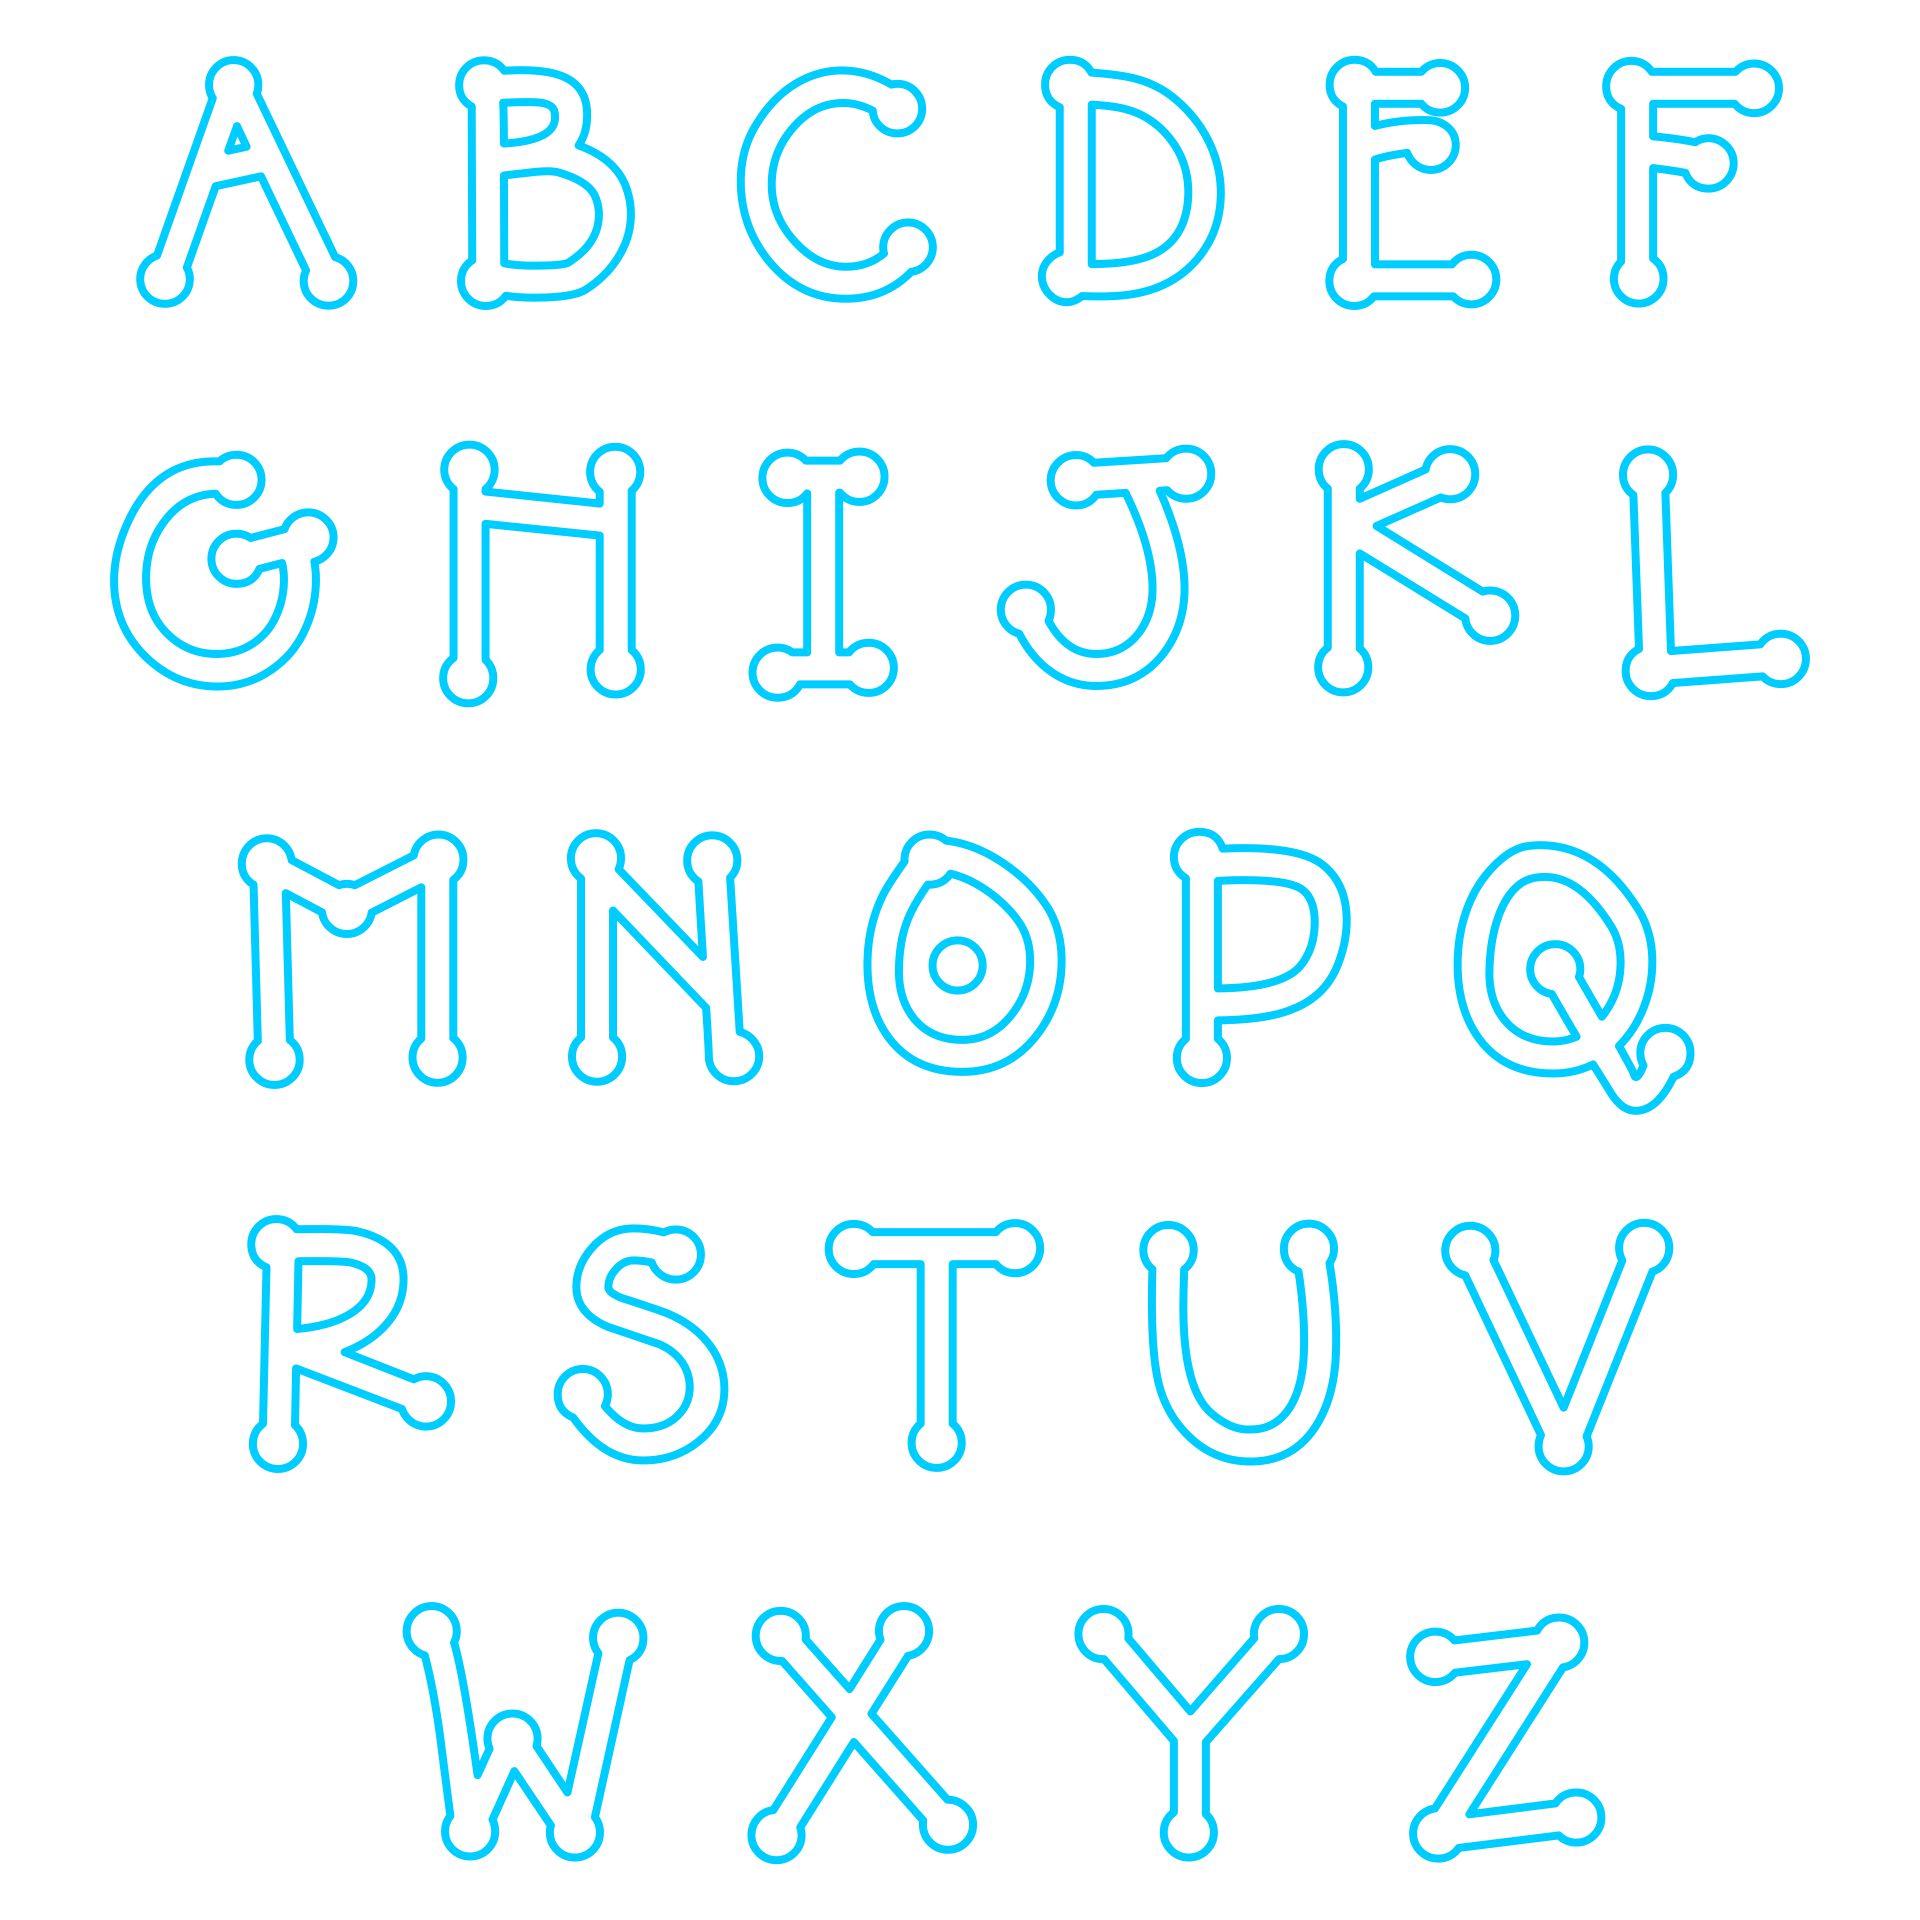 Applique Letter Designs